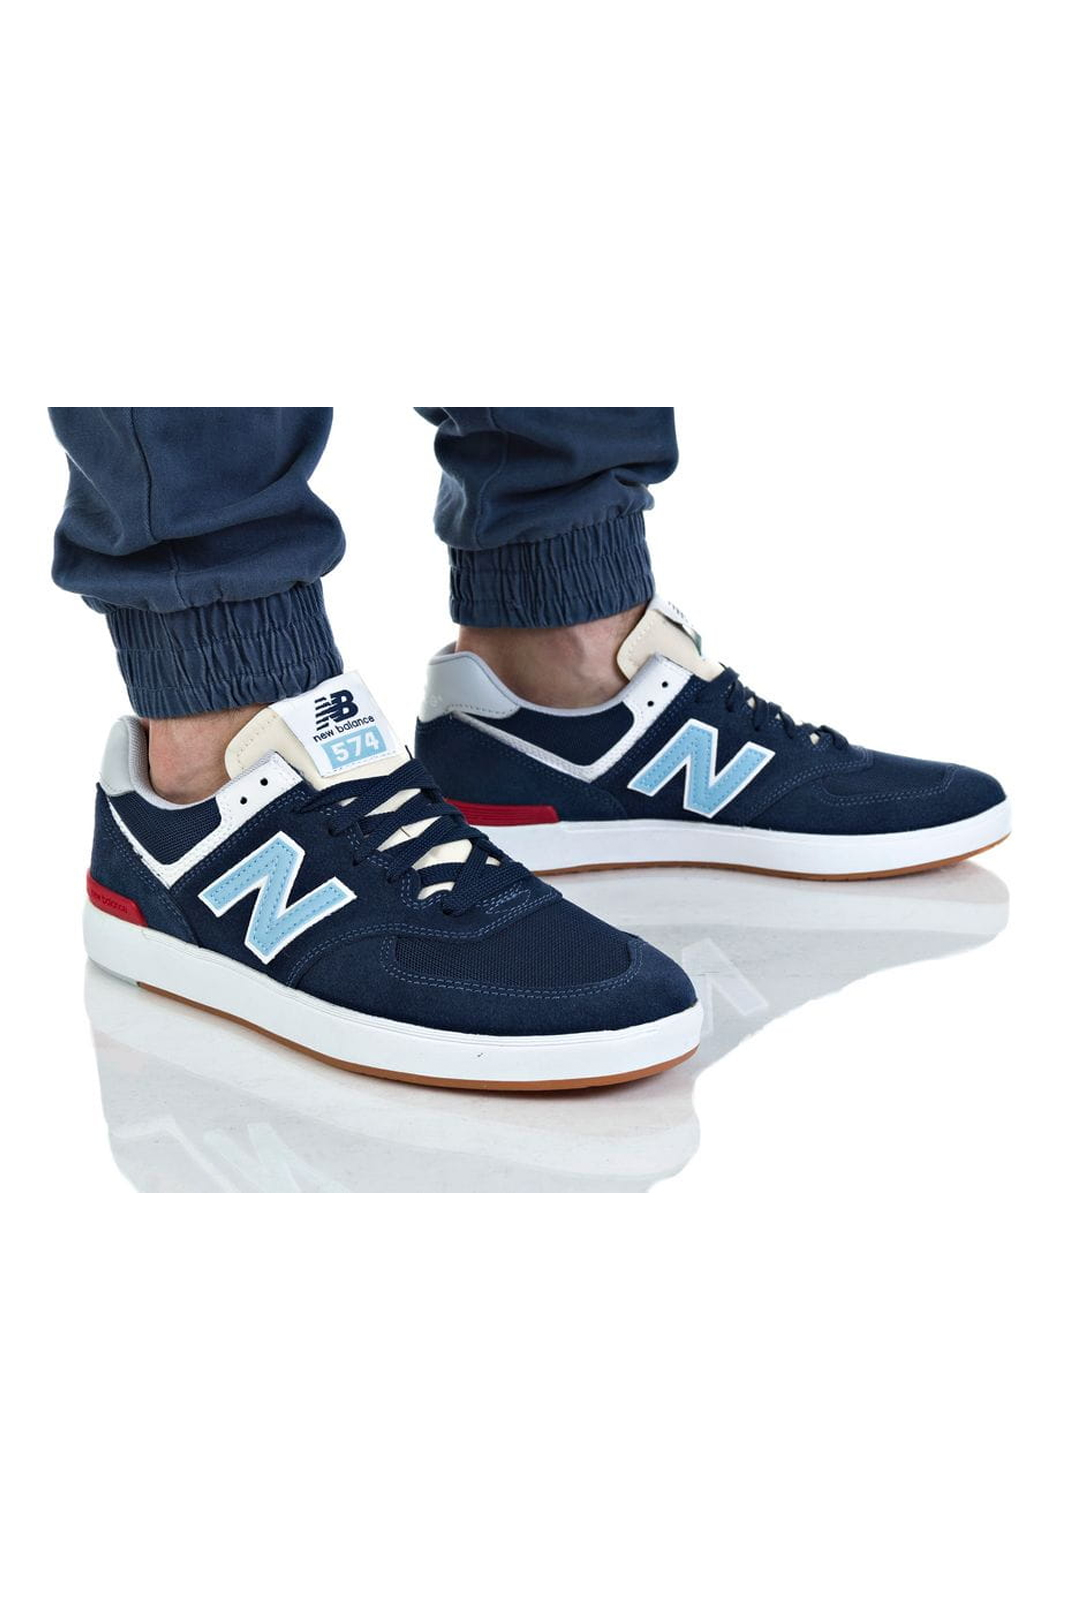 Baskets / Sport  New balance AM574PNR NR bleu